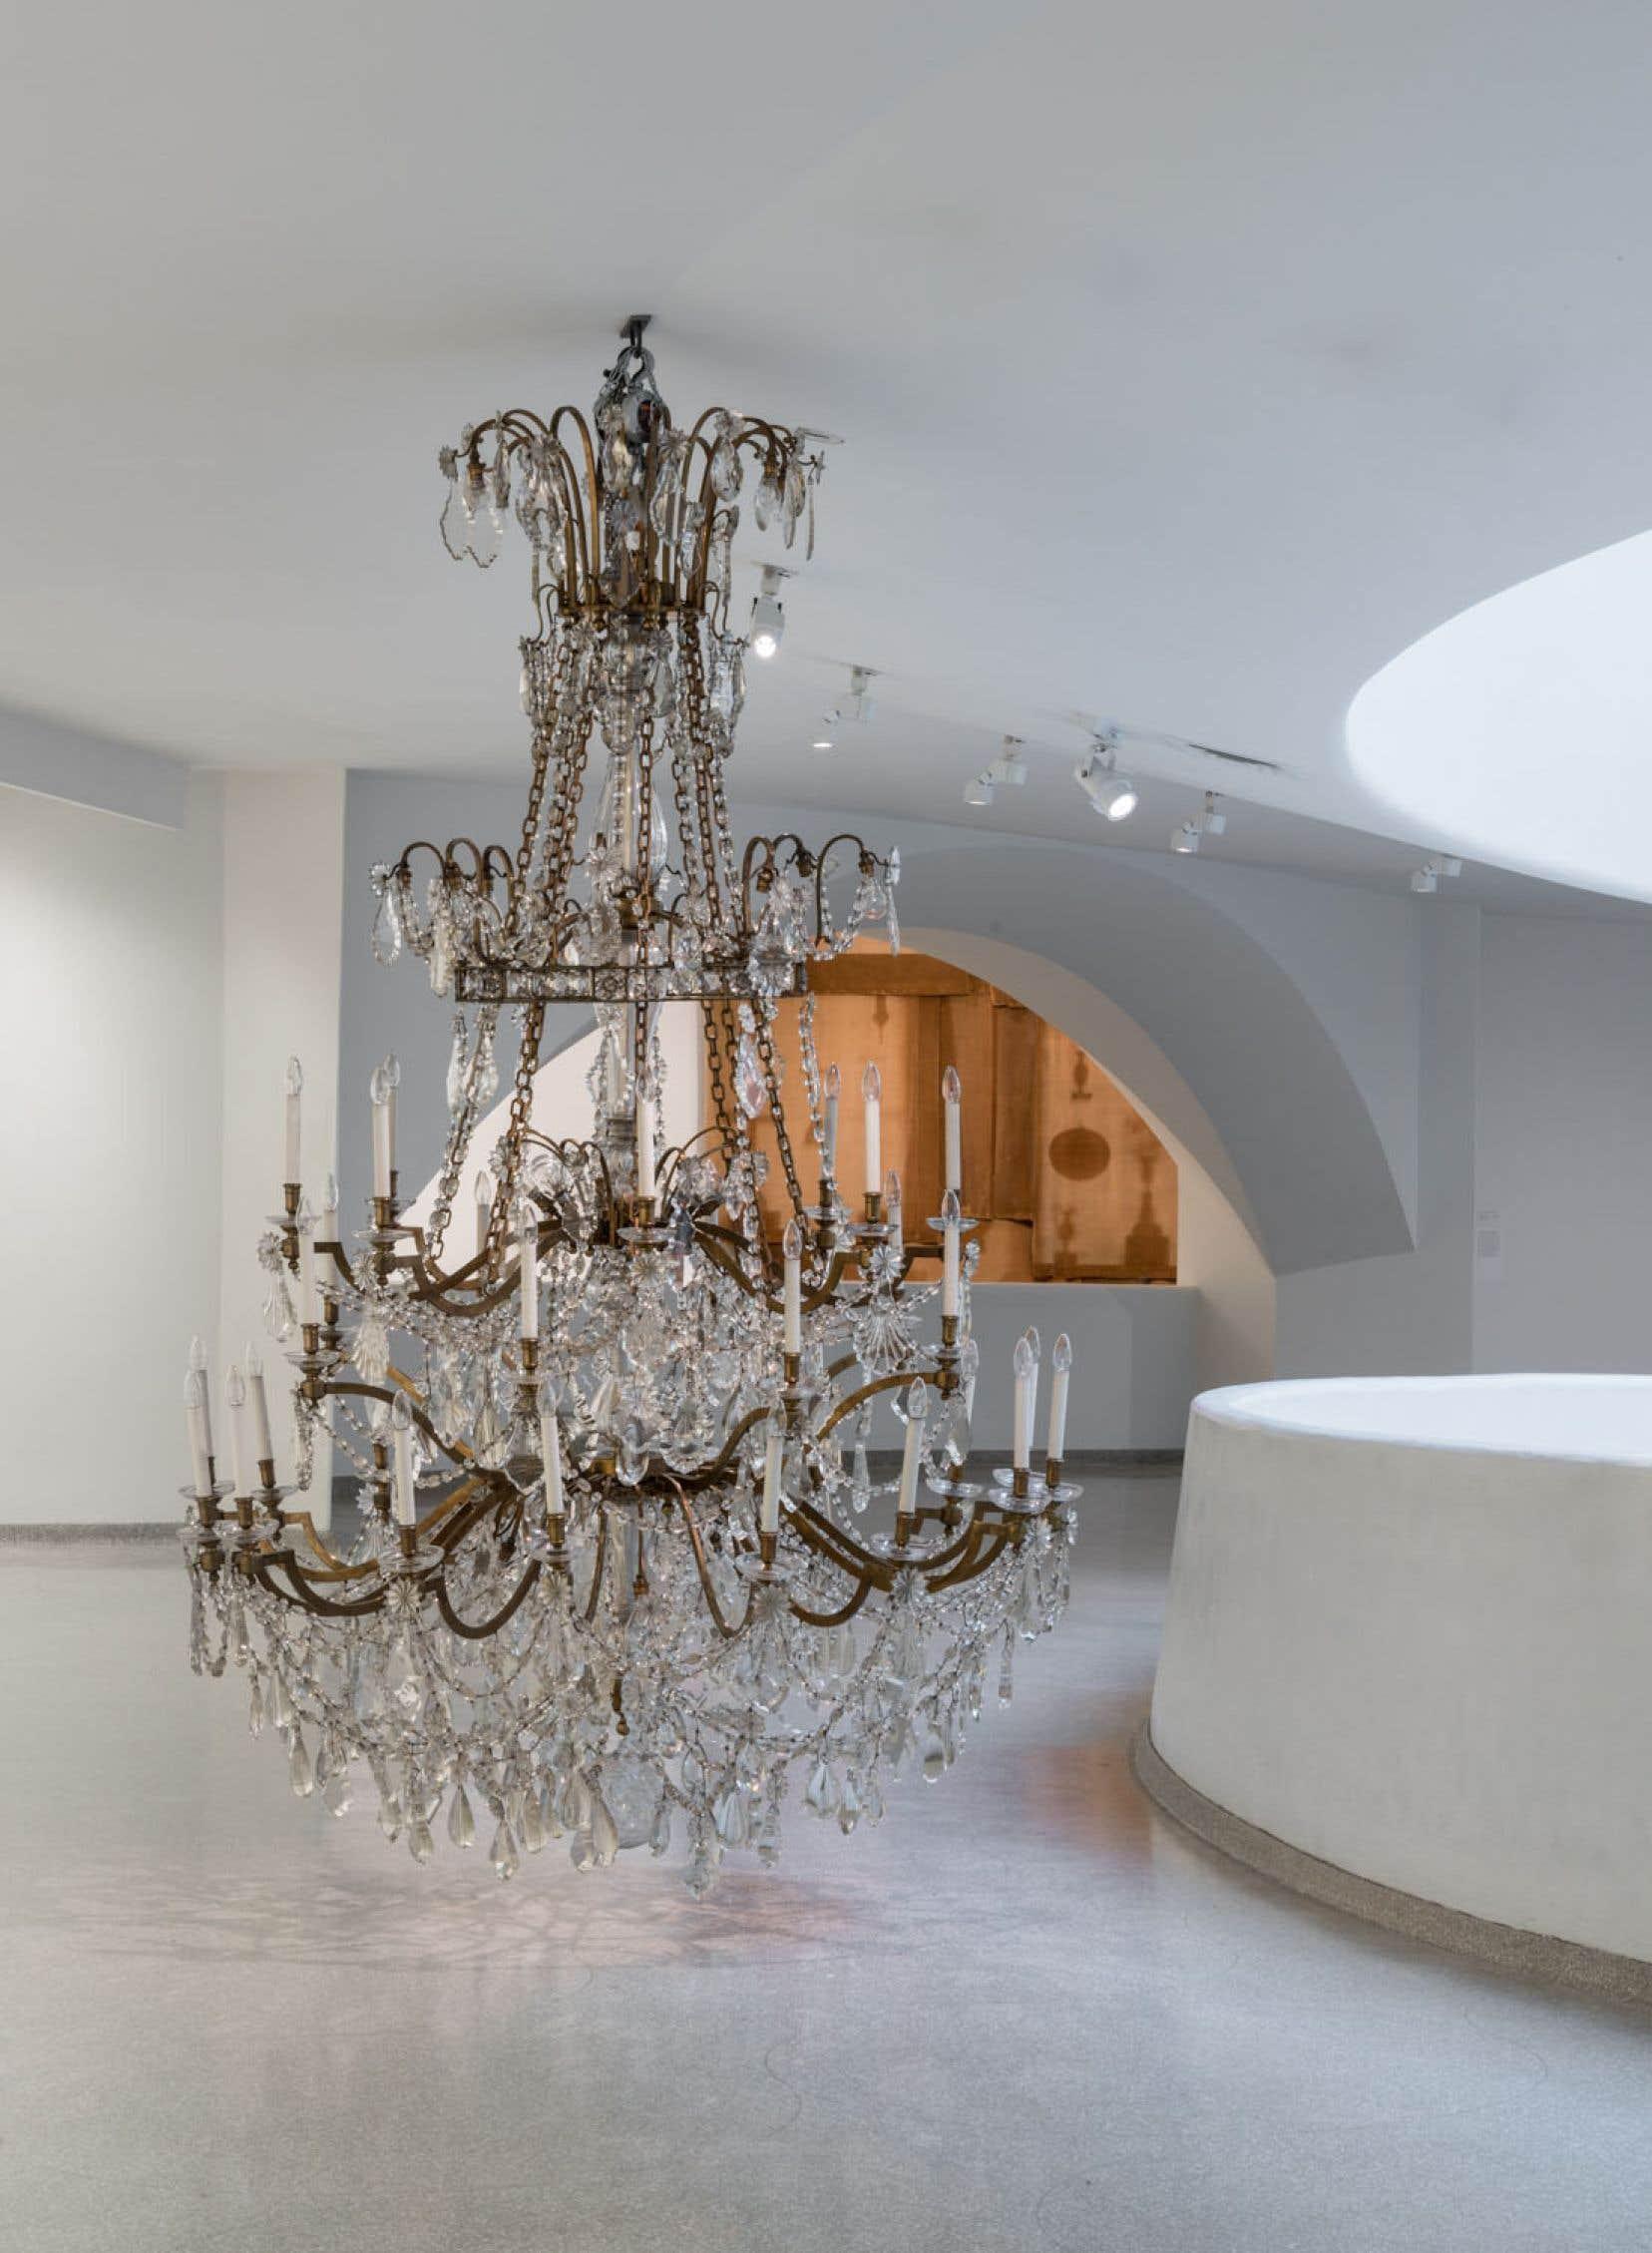 Danh Vo, 8:03:51, 28.05.2009. Un des chandeliers accrochés dans l'hôtel Majestic, où furent signés en 1973 les accords de paix de Paris qui officiellement concluaient la guerre du Vietnam, pays d'origine de l'artiste. Vo explique que ces objets décoratifs sont «désignés pour vous faire oublier, pour vous amener à abandonner votre tristesse».